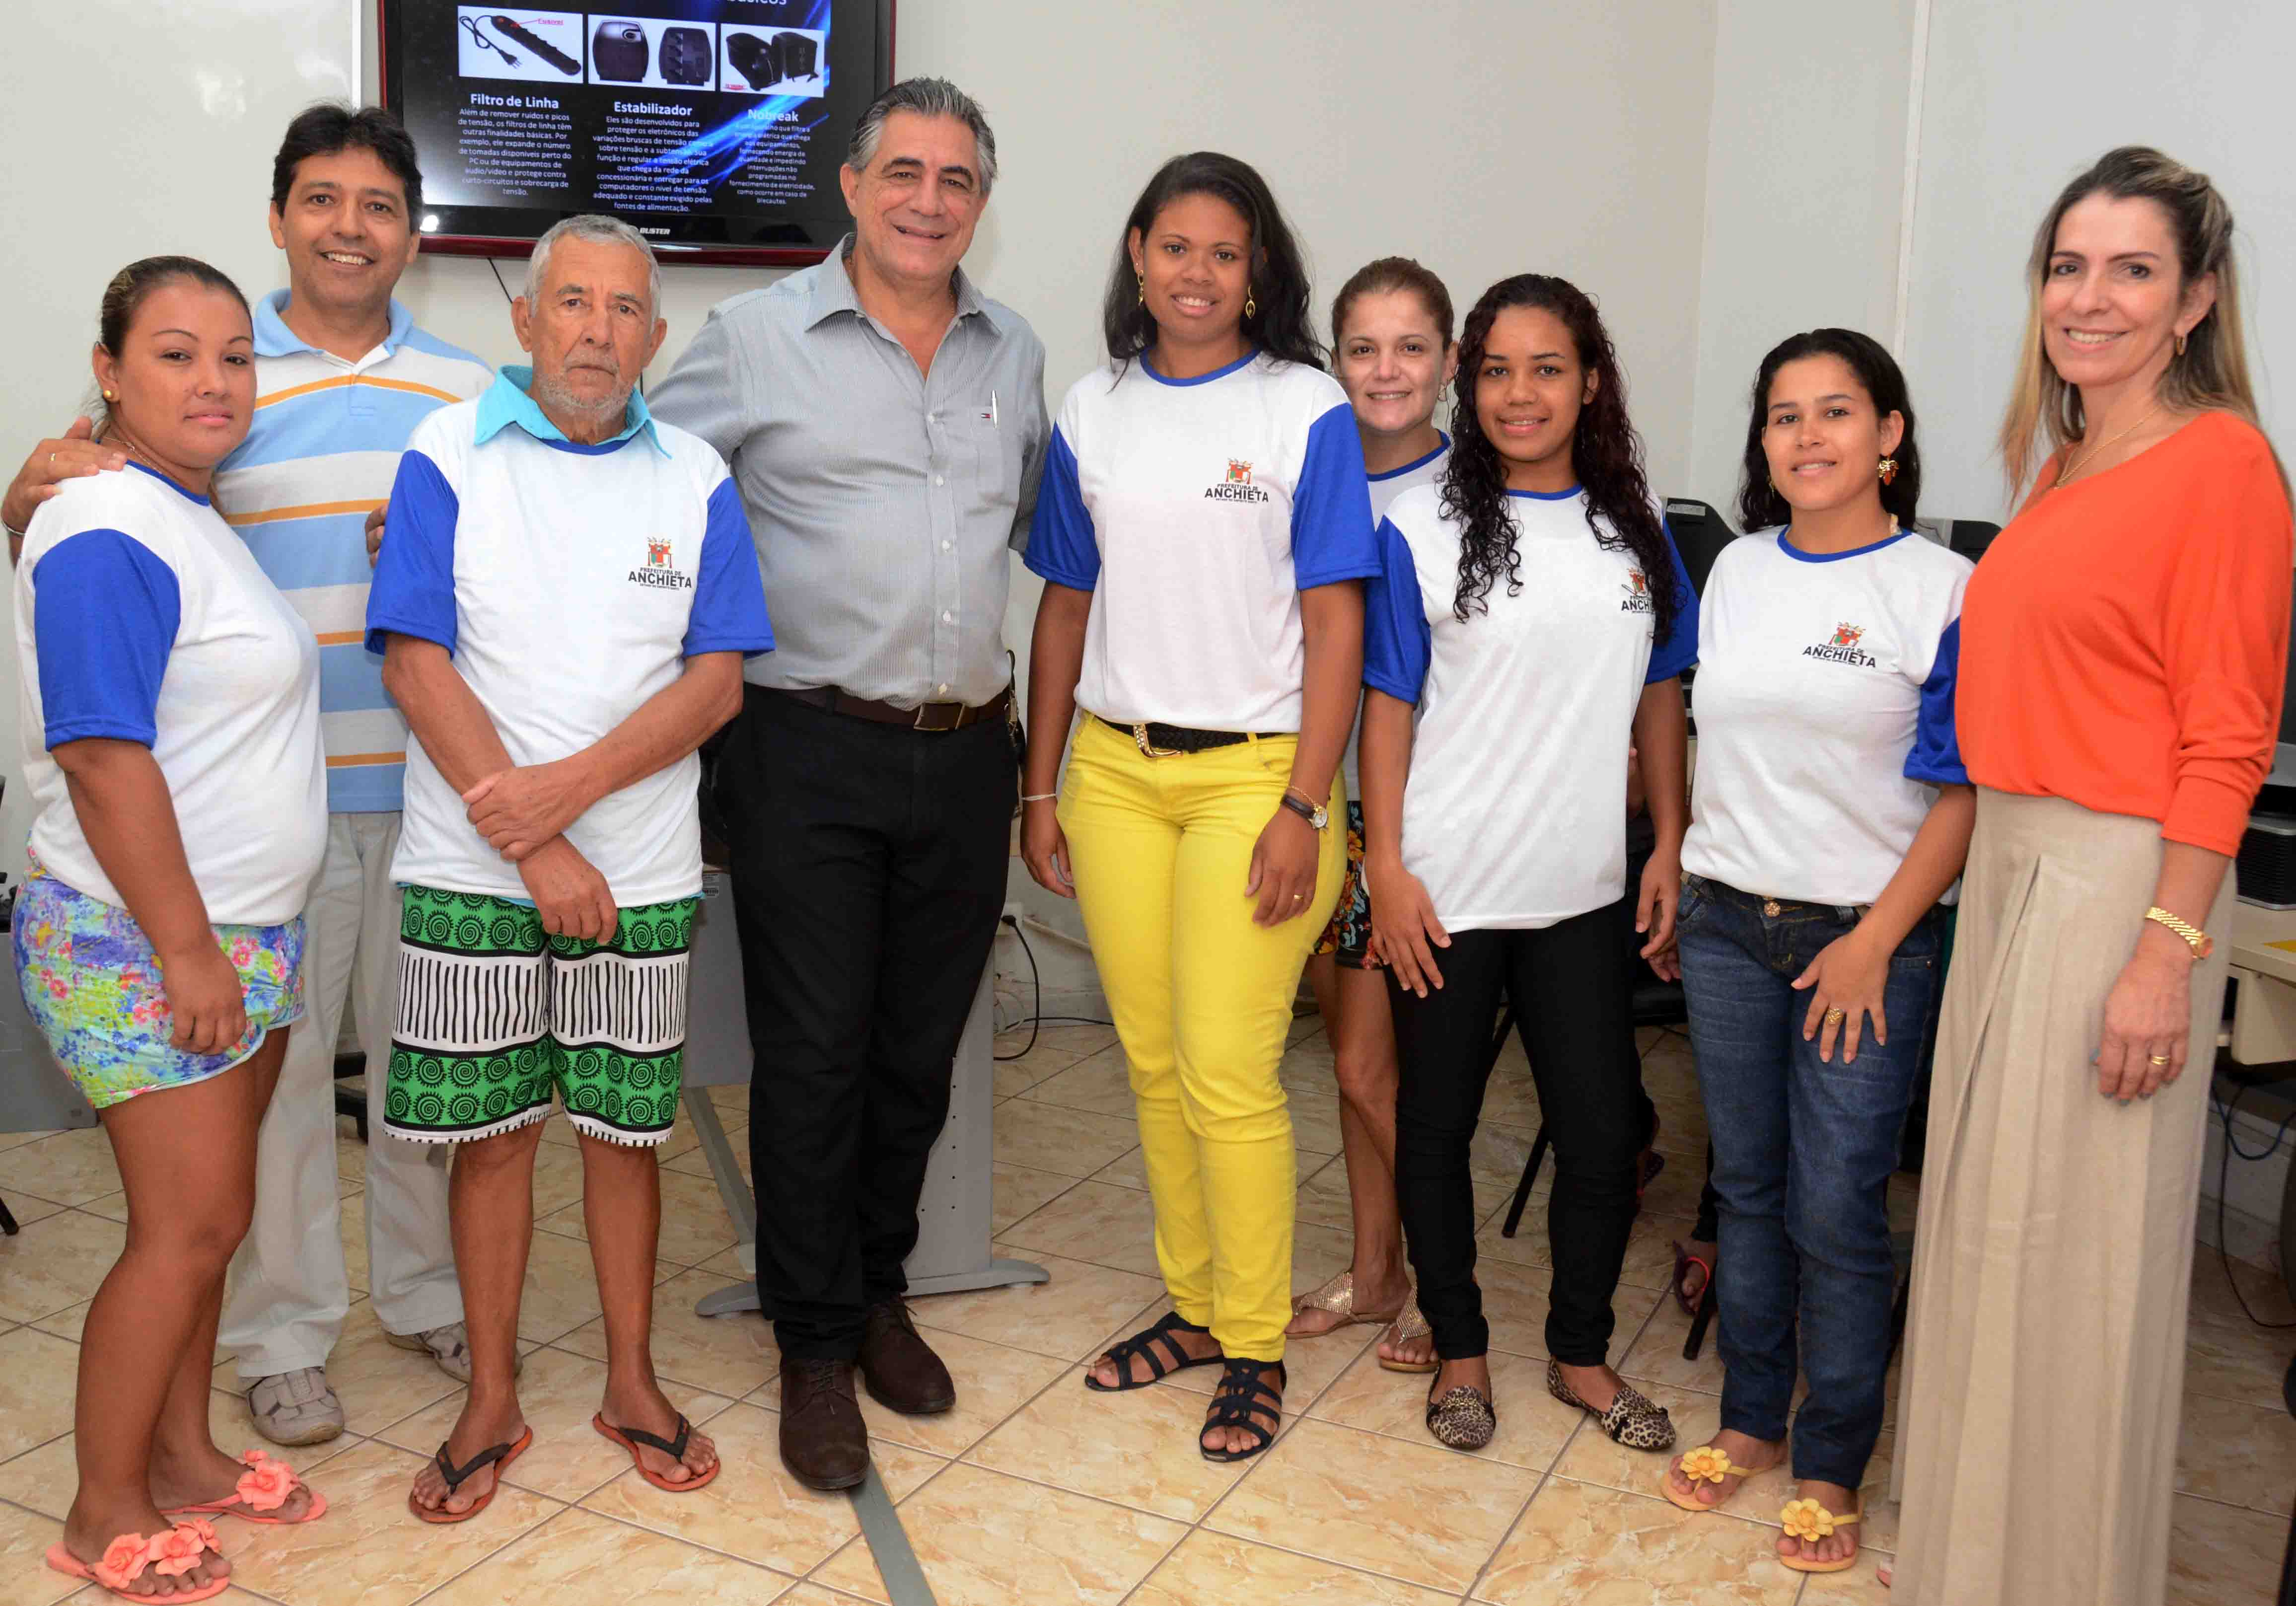 Alunos da turma de informática básica do Infocentro de Anchieta receberam camisetas do Prefeito e da secretária de Assistência Social. Foto: Ascom/Anchieta